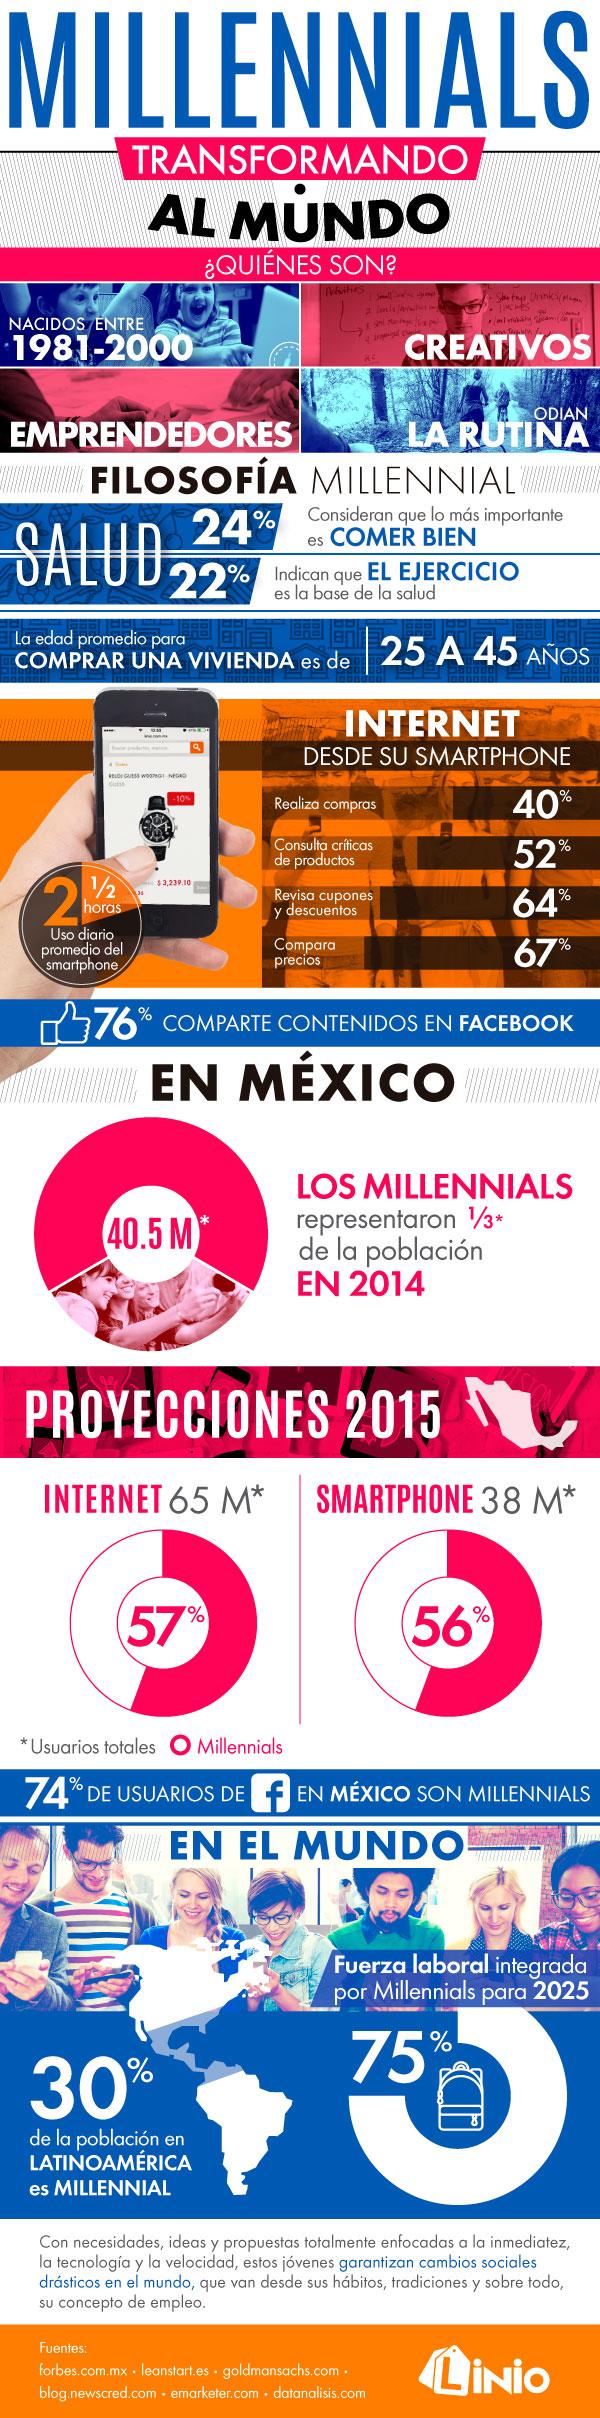 Millennials: Transformando el mundo